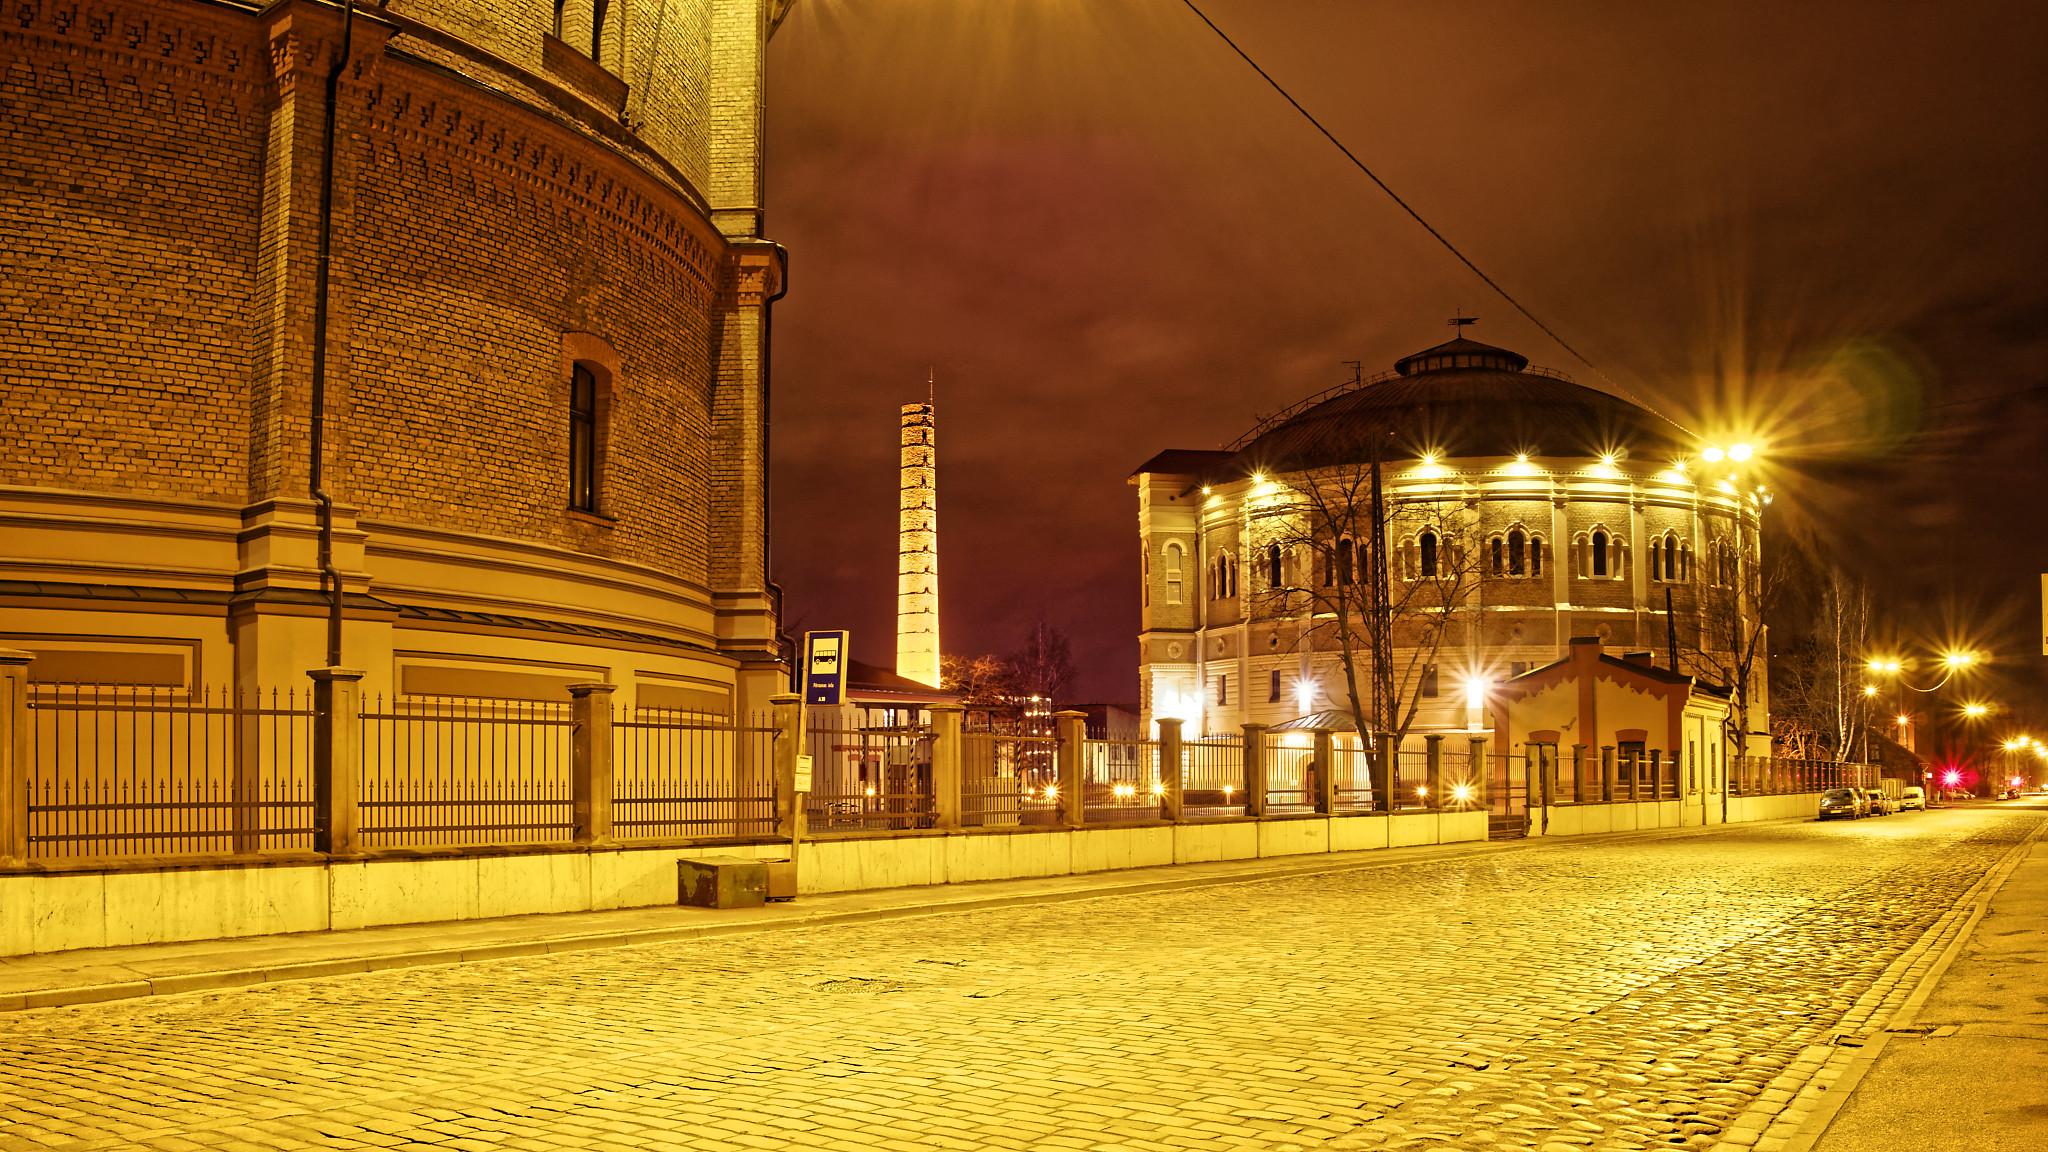 Bild: Das Gasometer in der Matīsa iela in Rīga wurde vom Architekten Karl Johann Felsko entworfen.